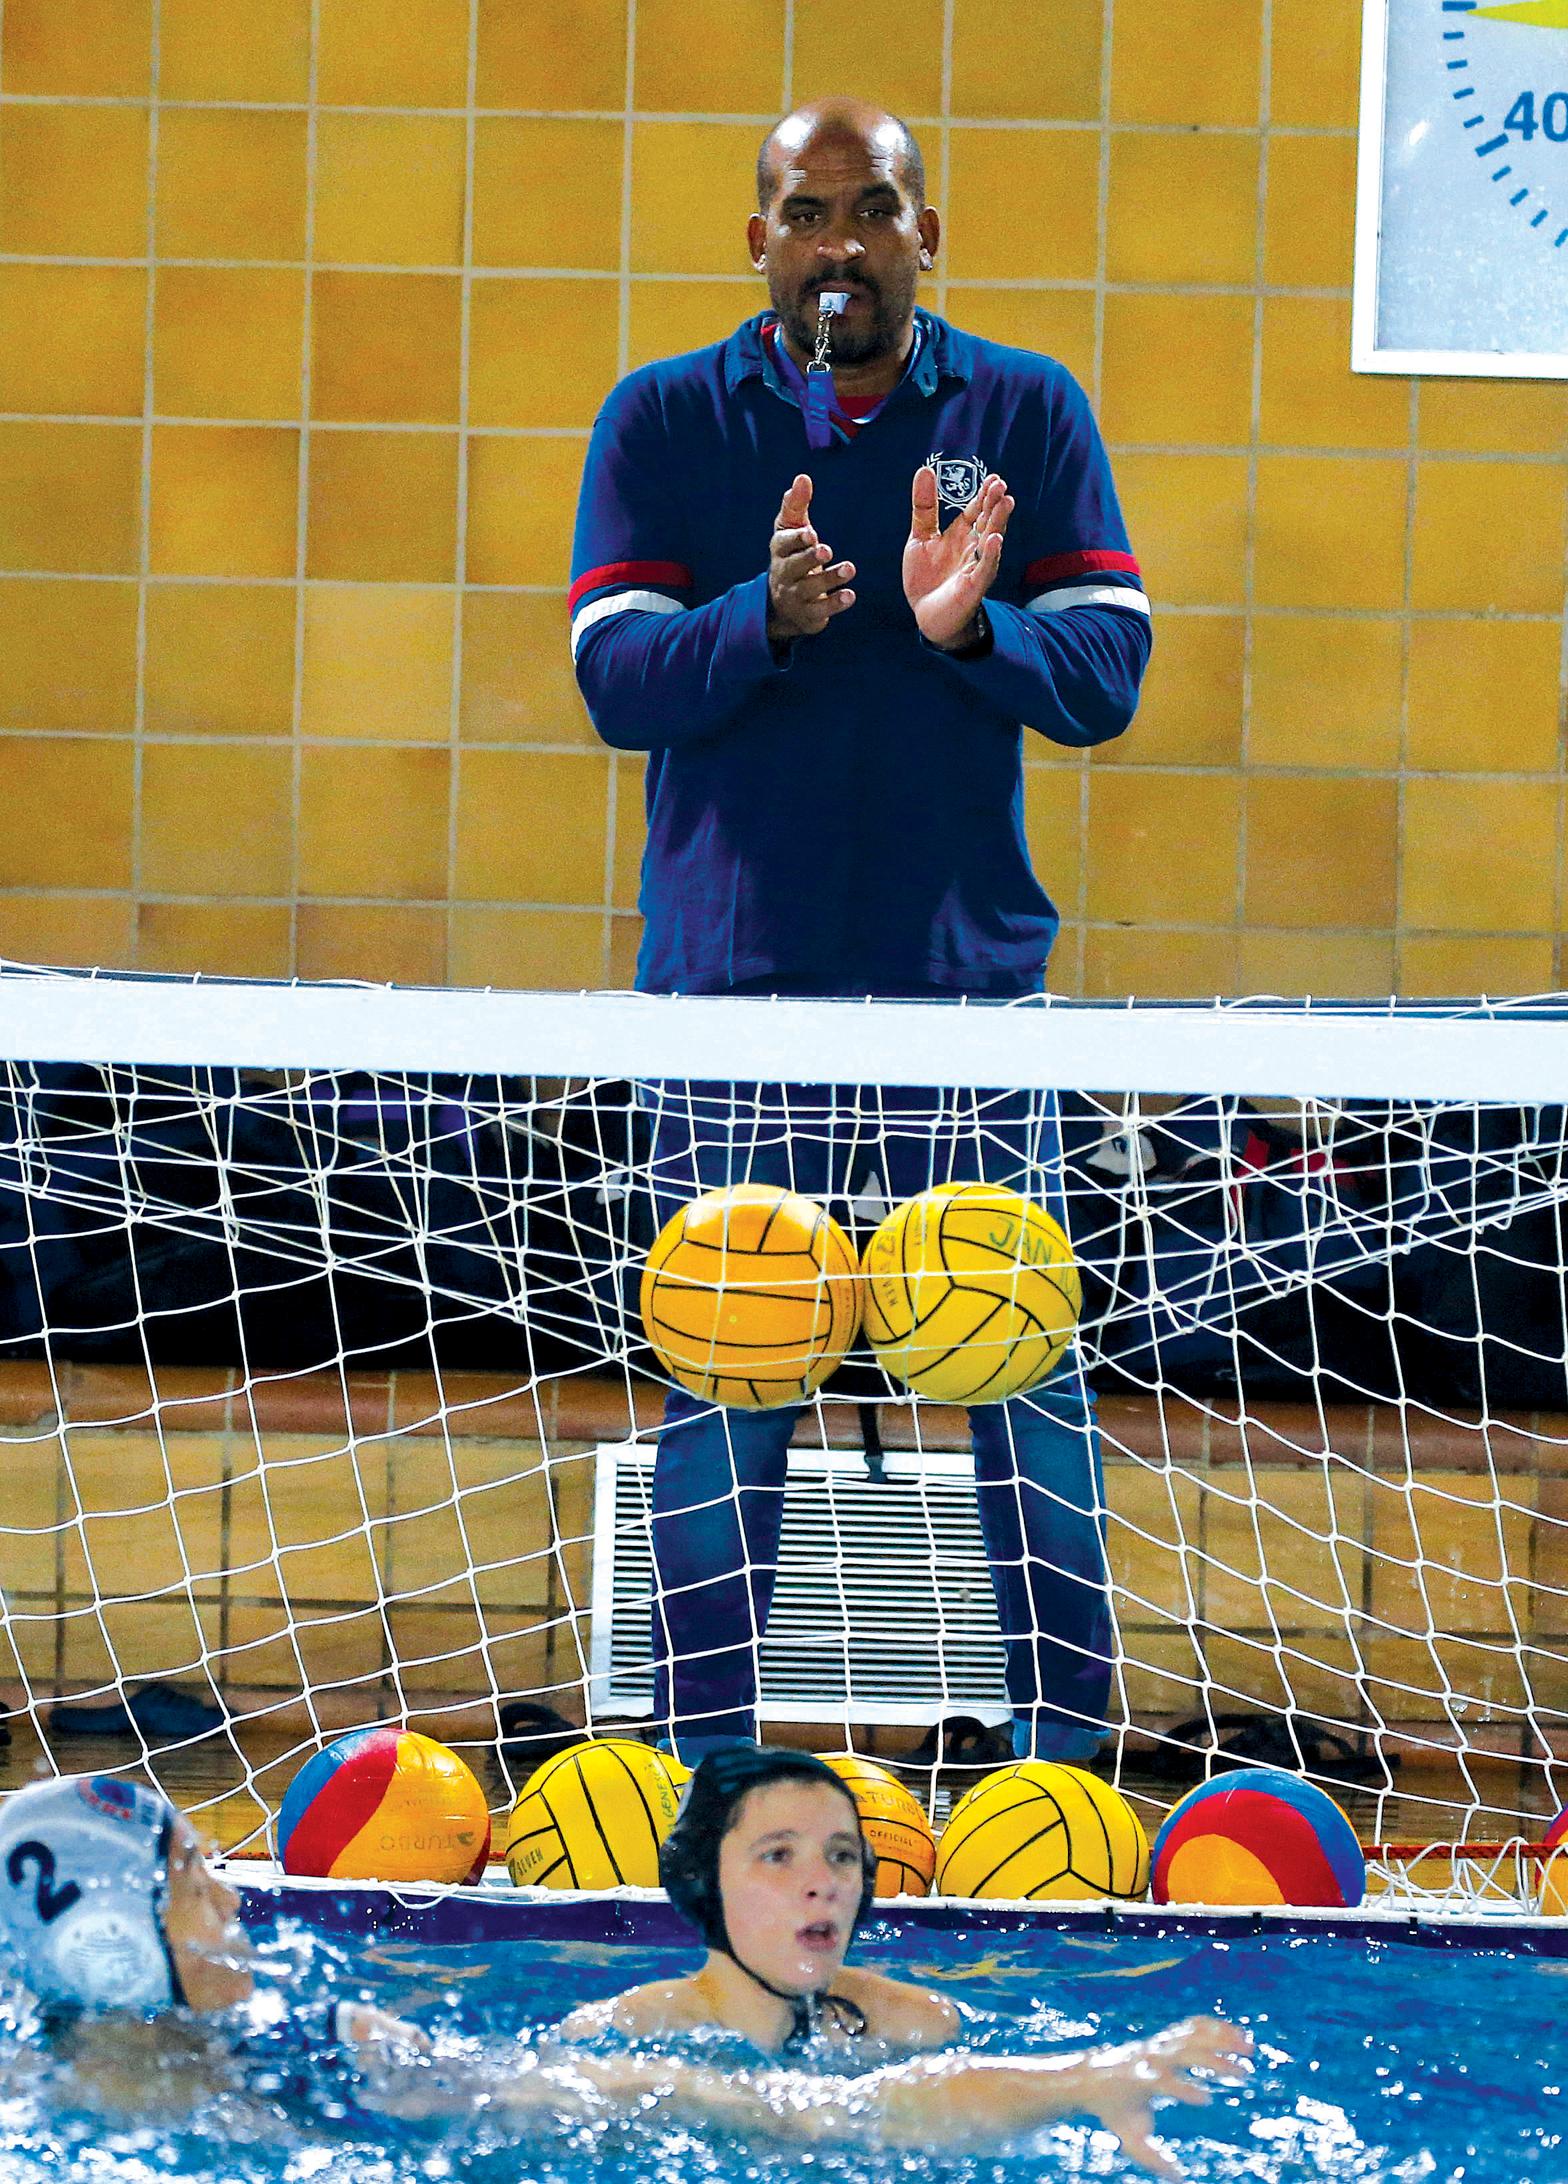 Va arribar a Catalunya després de jugar amb Cuba els JJOO de Barcelona'92. Es va nacionalitzar espanyol el 1997 i es va retirar als JJOO de Londres 2012 amb 32 anys ininterromputs dins l'aigua